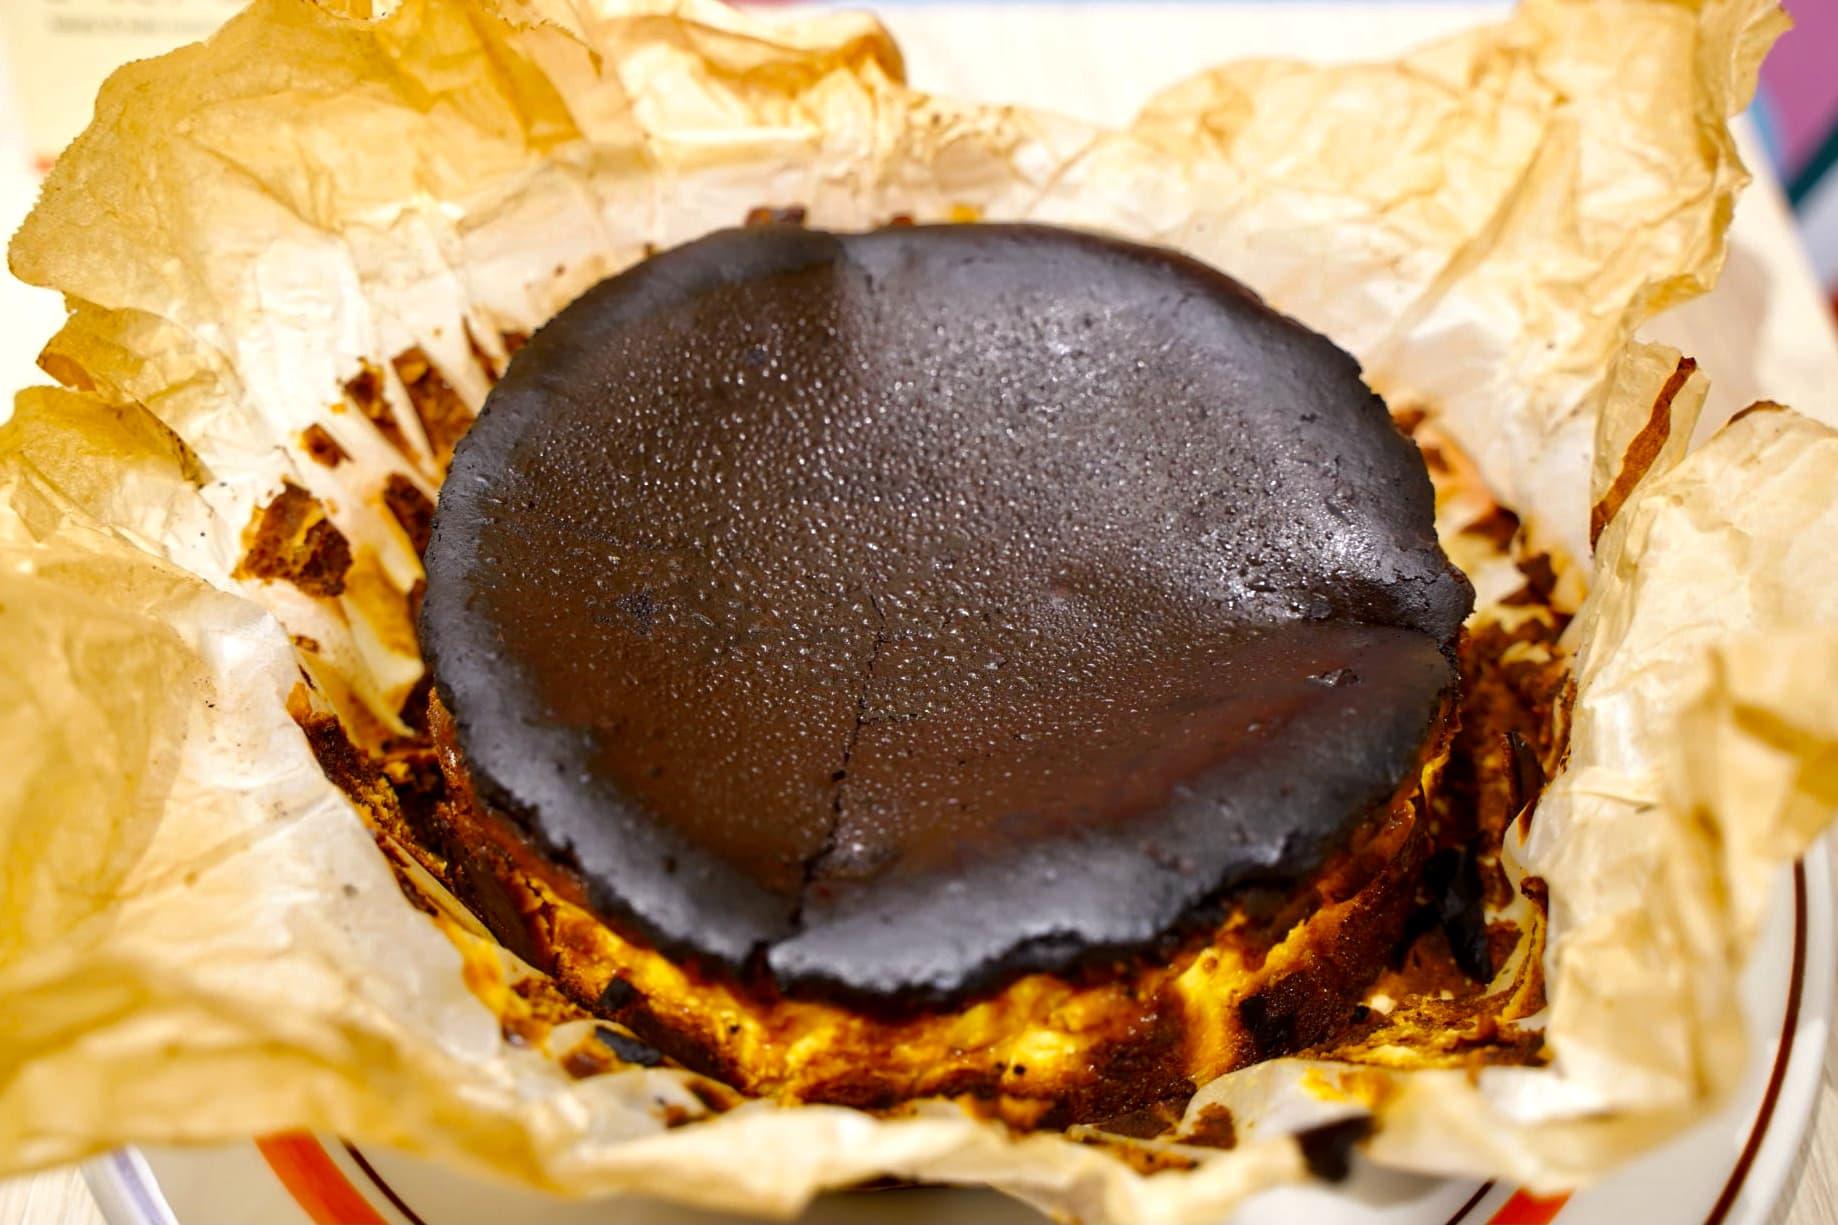 グルテンフリーのバスク風チーズケーキ 580円